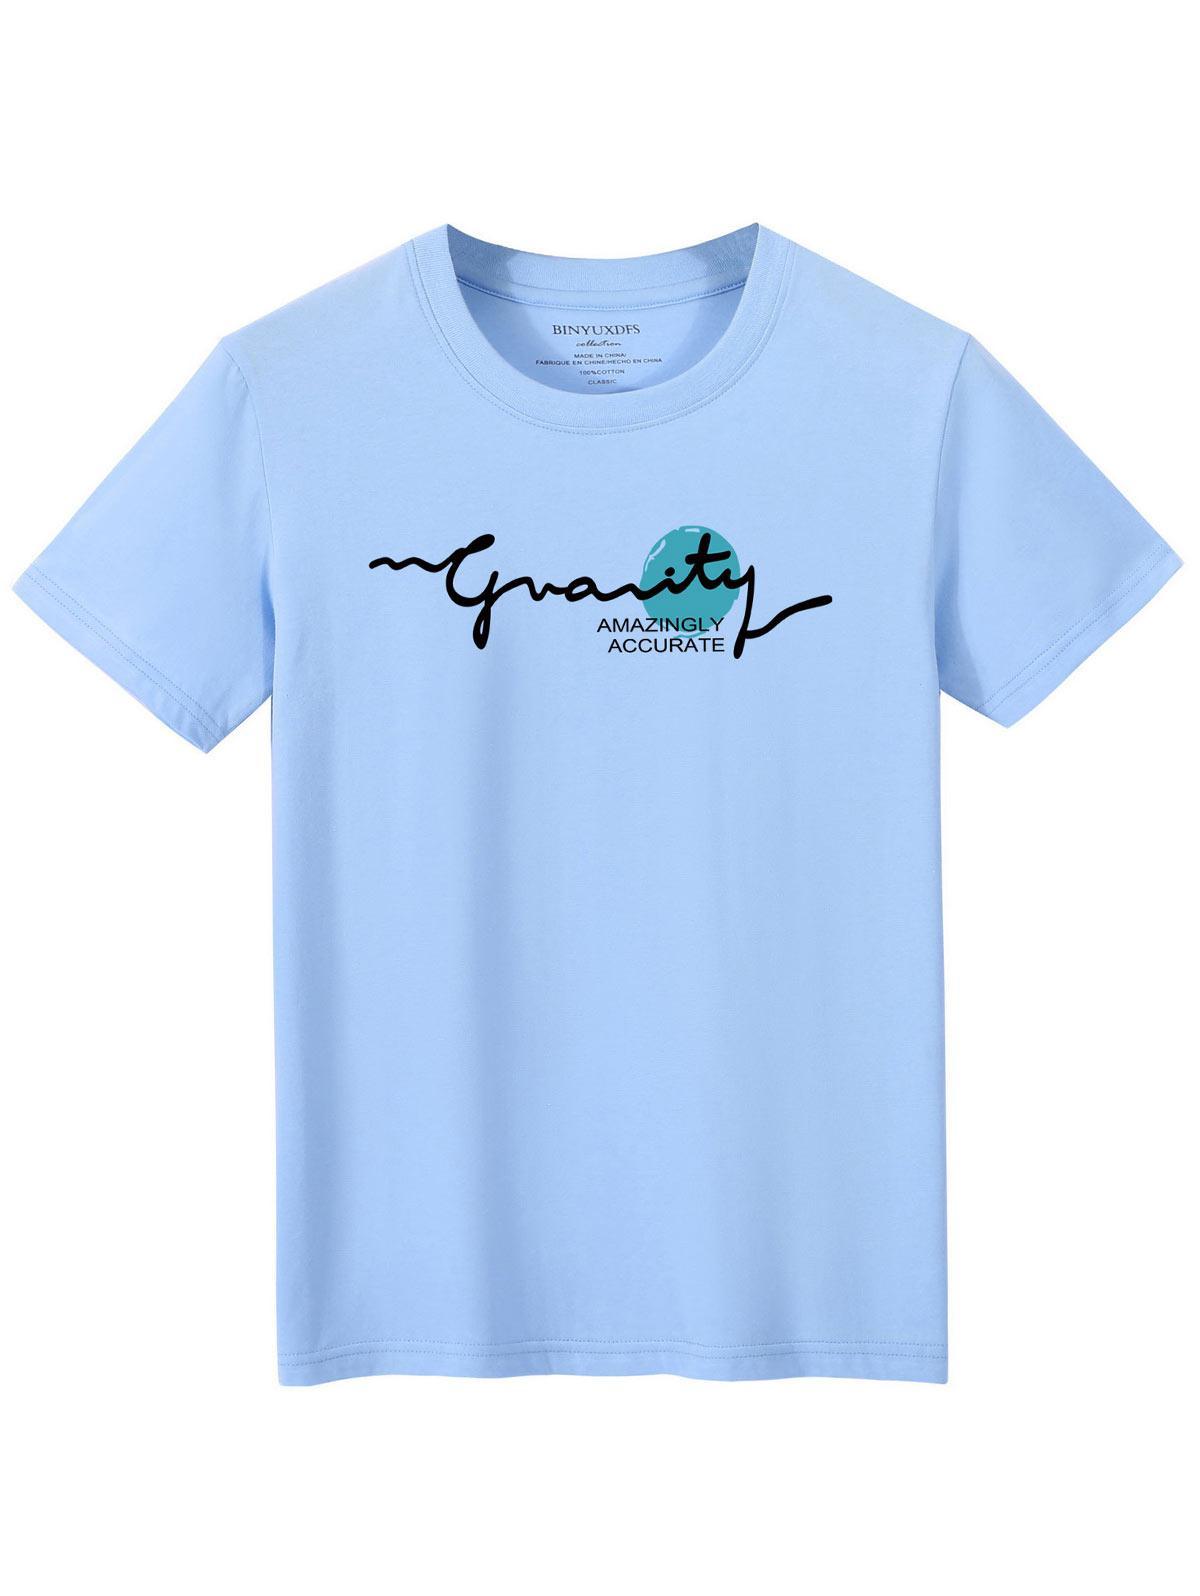 T-shirt Lettre Graphique Imprimé à Manches Courtes - ZAFUL - Modalova